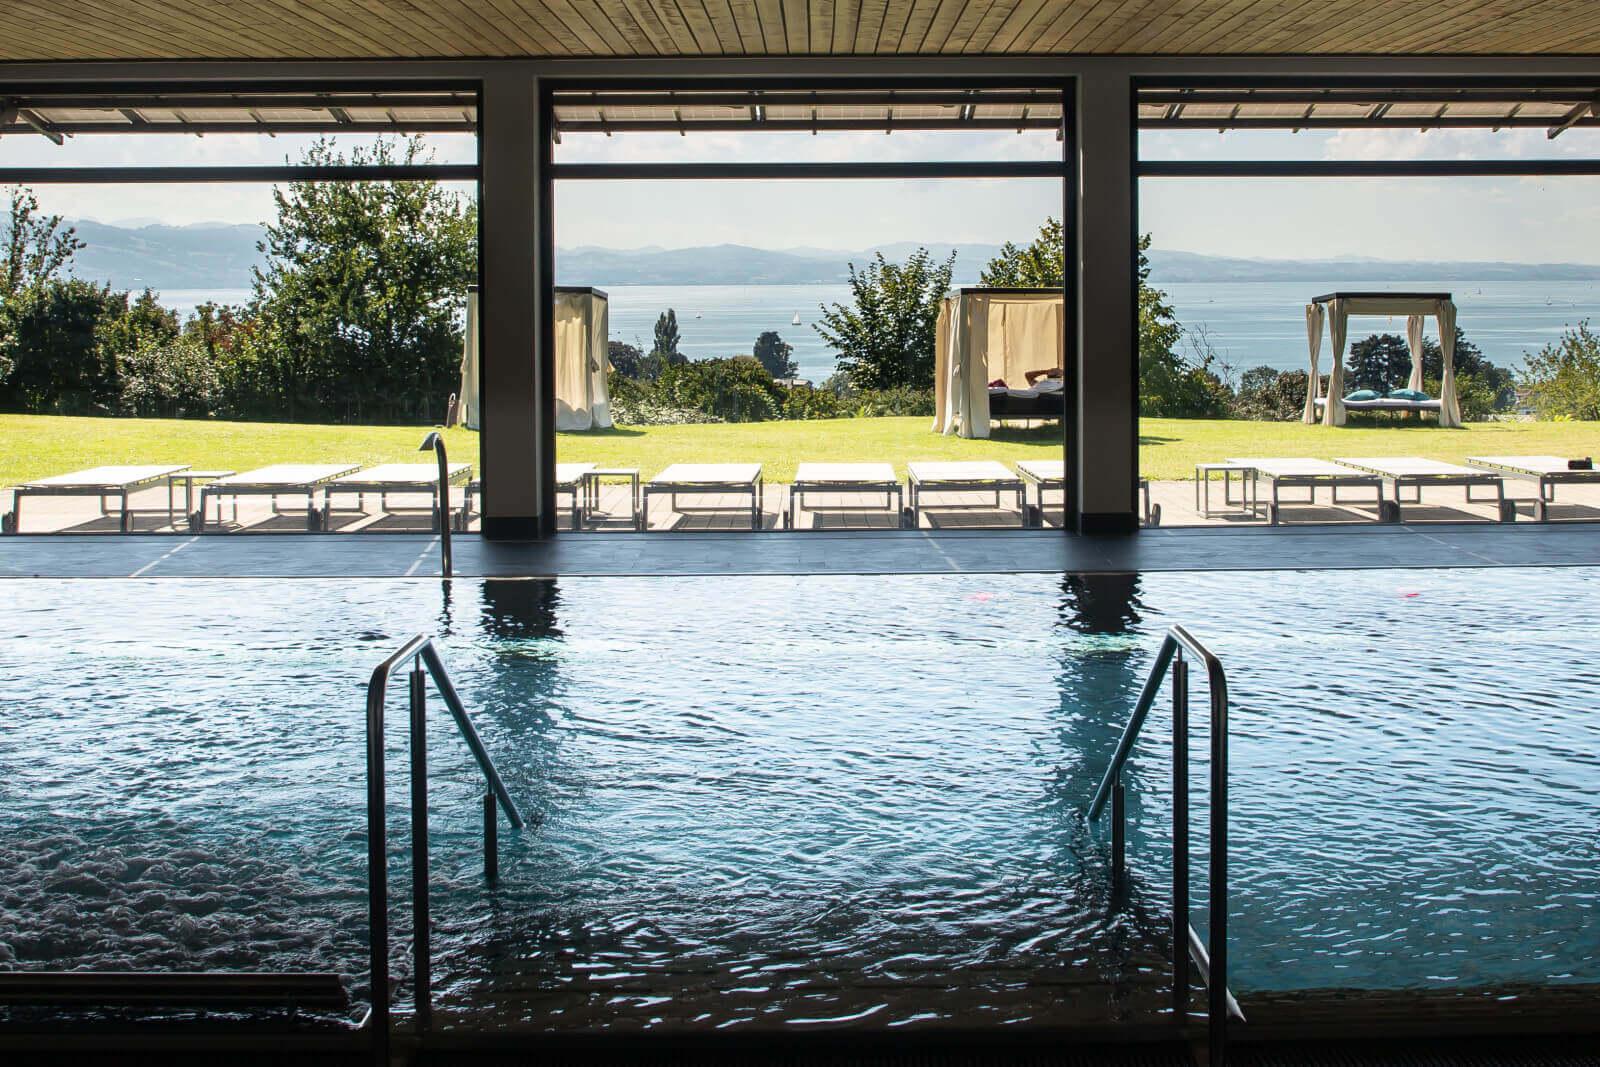 Wellnesshotel Sonnenhof in Kressbronn zwischen Lindau und Friedrichshafen am Bodensee